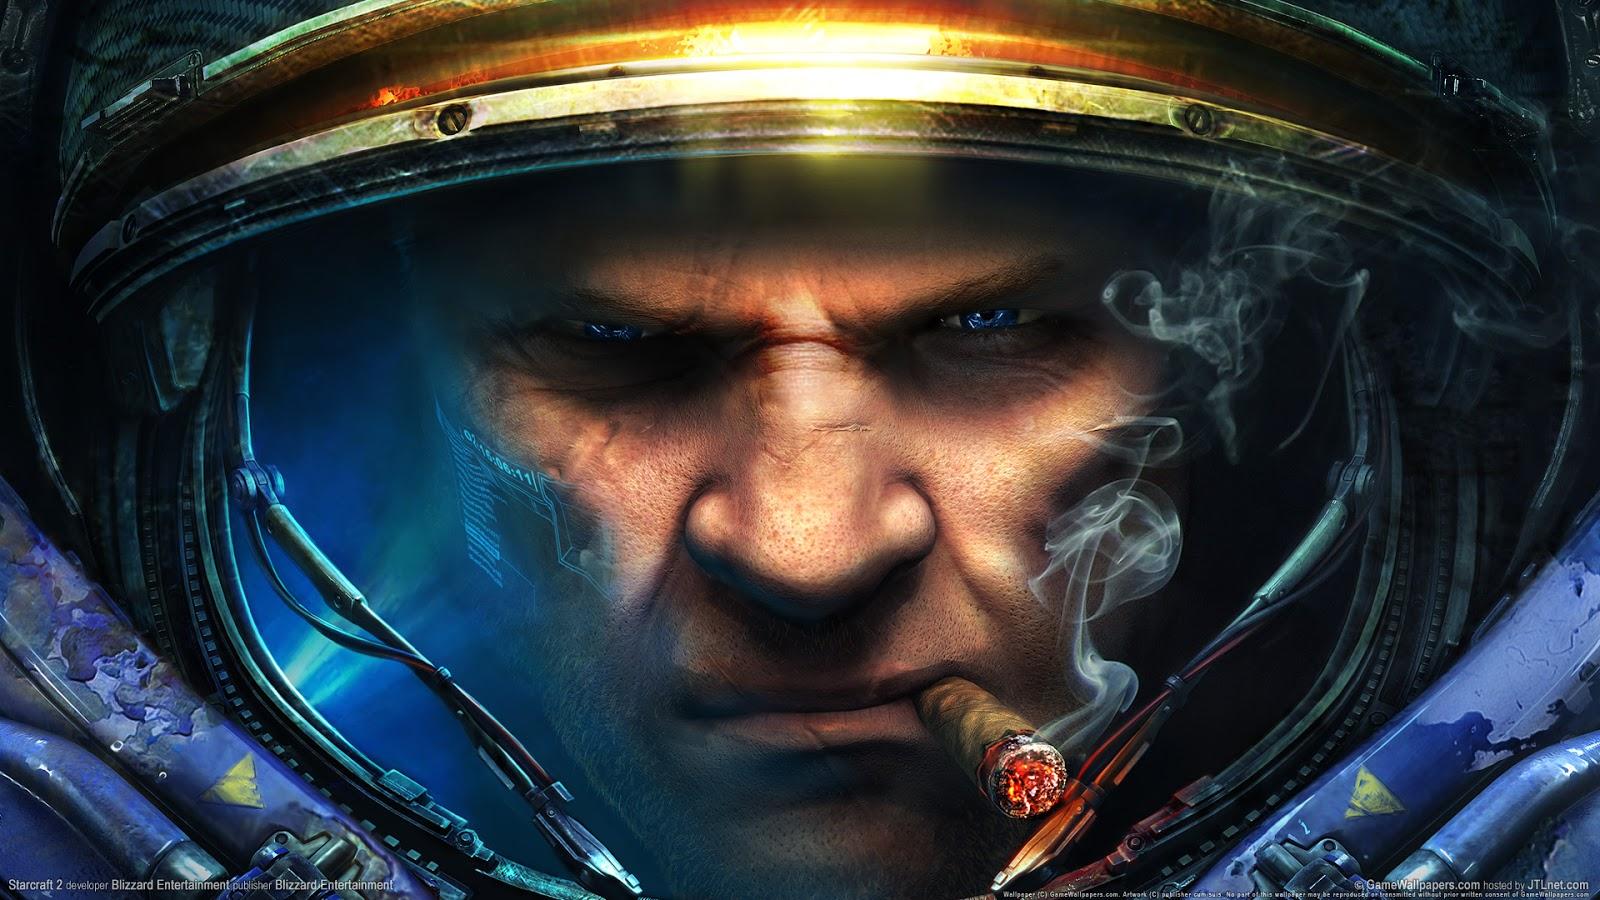 http://1.bp.blogspot.com/_H8F8xLIgOTo/TRpnAs4HjNI/AAAAAAAAAJ8/_4znyUg-l28/s1600/starcraft-2-wallpaper-1.jpg